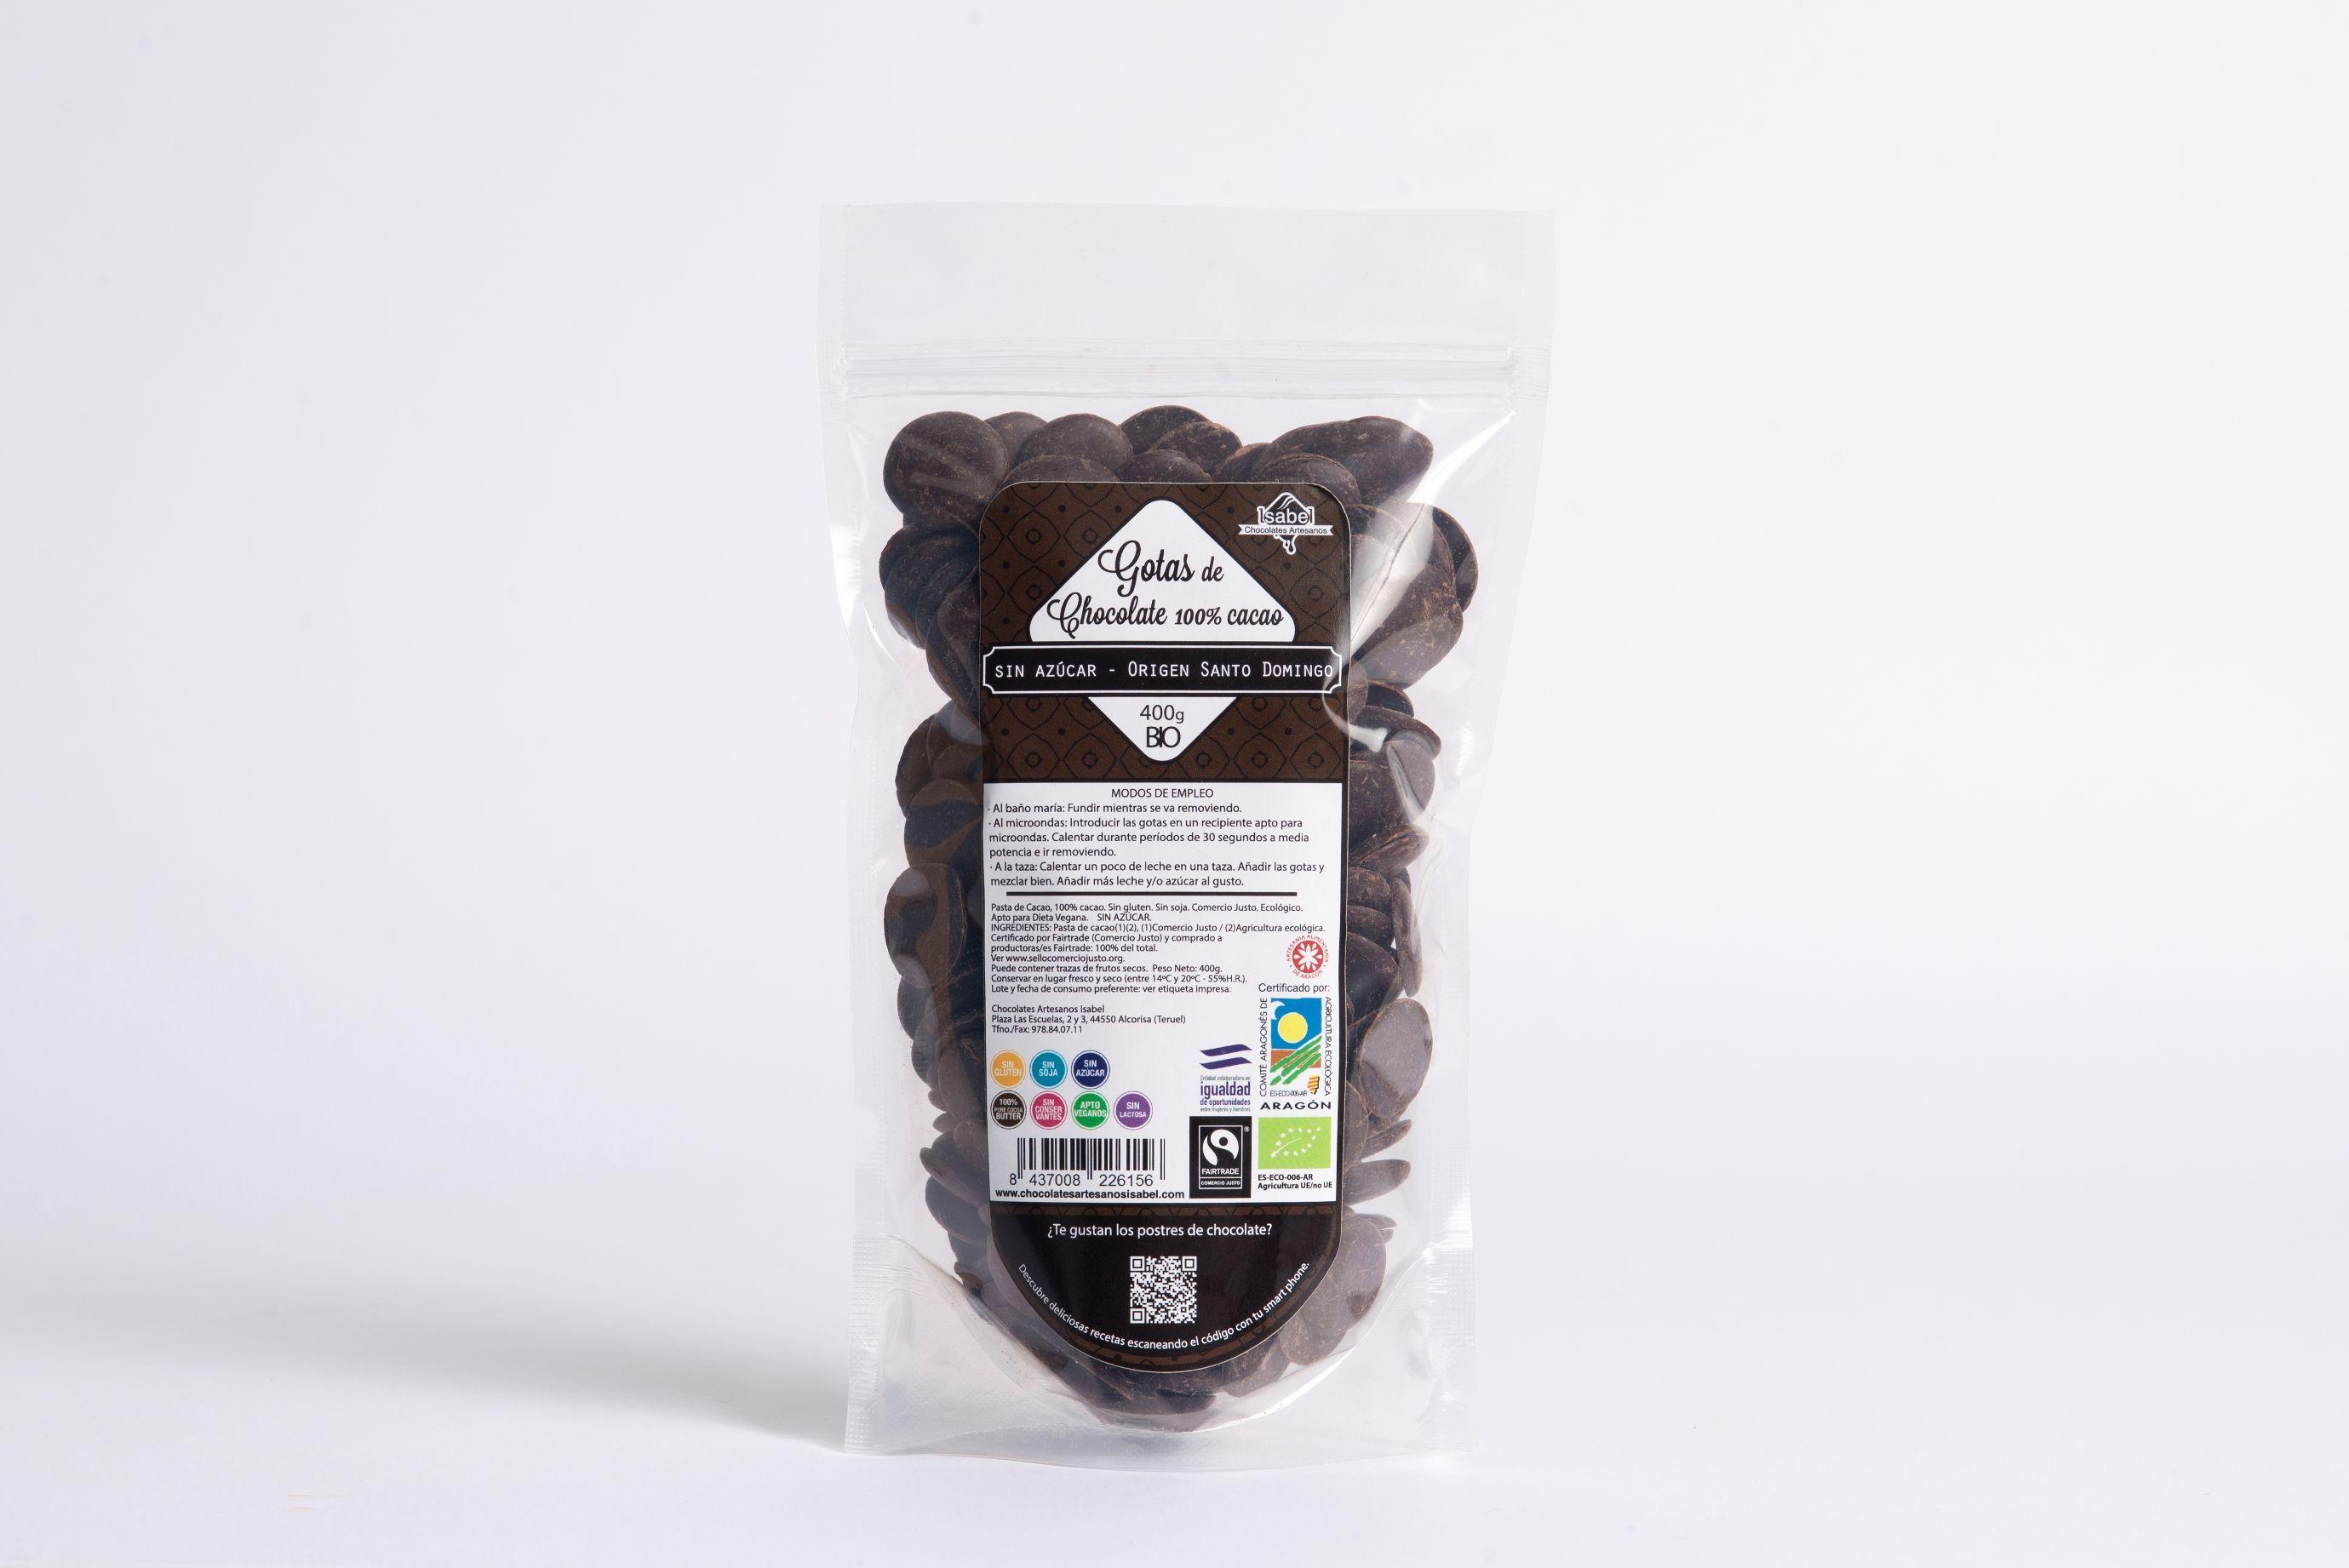 Gotas de Chocolate 100% cacao. Origen Santo Domingo.